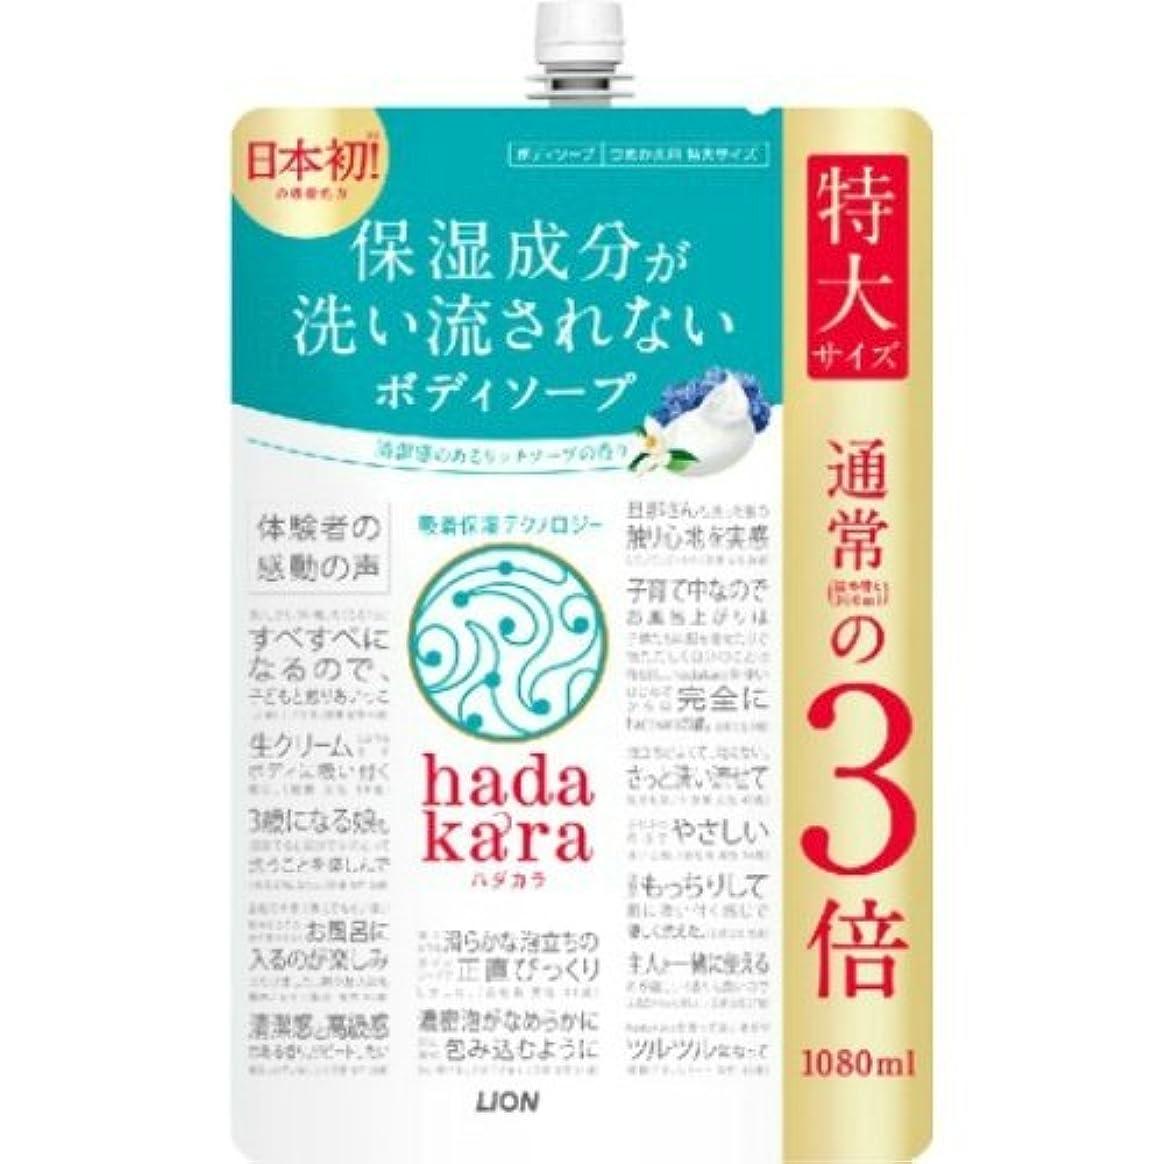 加速する以来遺伝子LION ライオン hadakara ハダカラ ボディソープ リッチソープの香り つめかえ用 特大サイズ 1080ml ×3点セット(4903301260882)